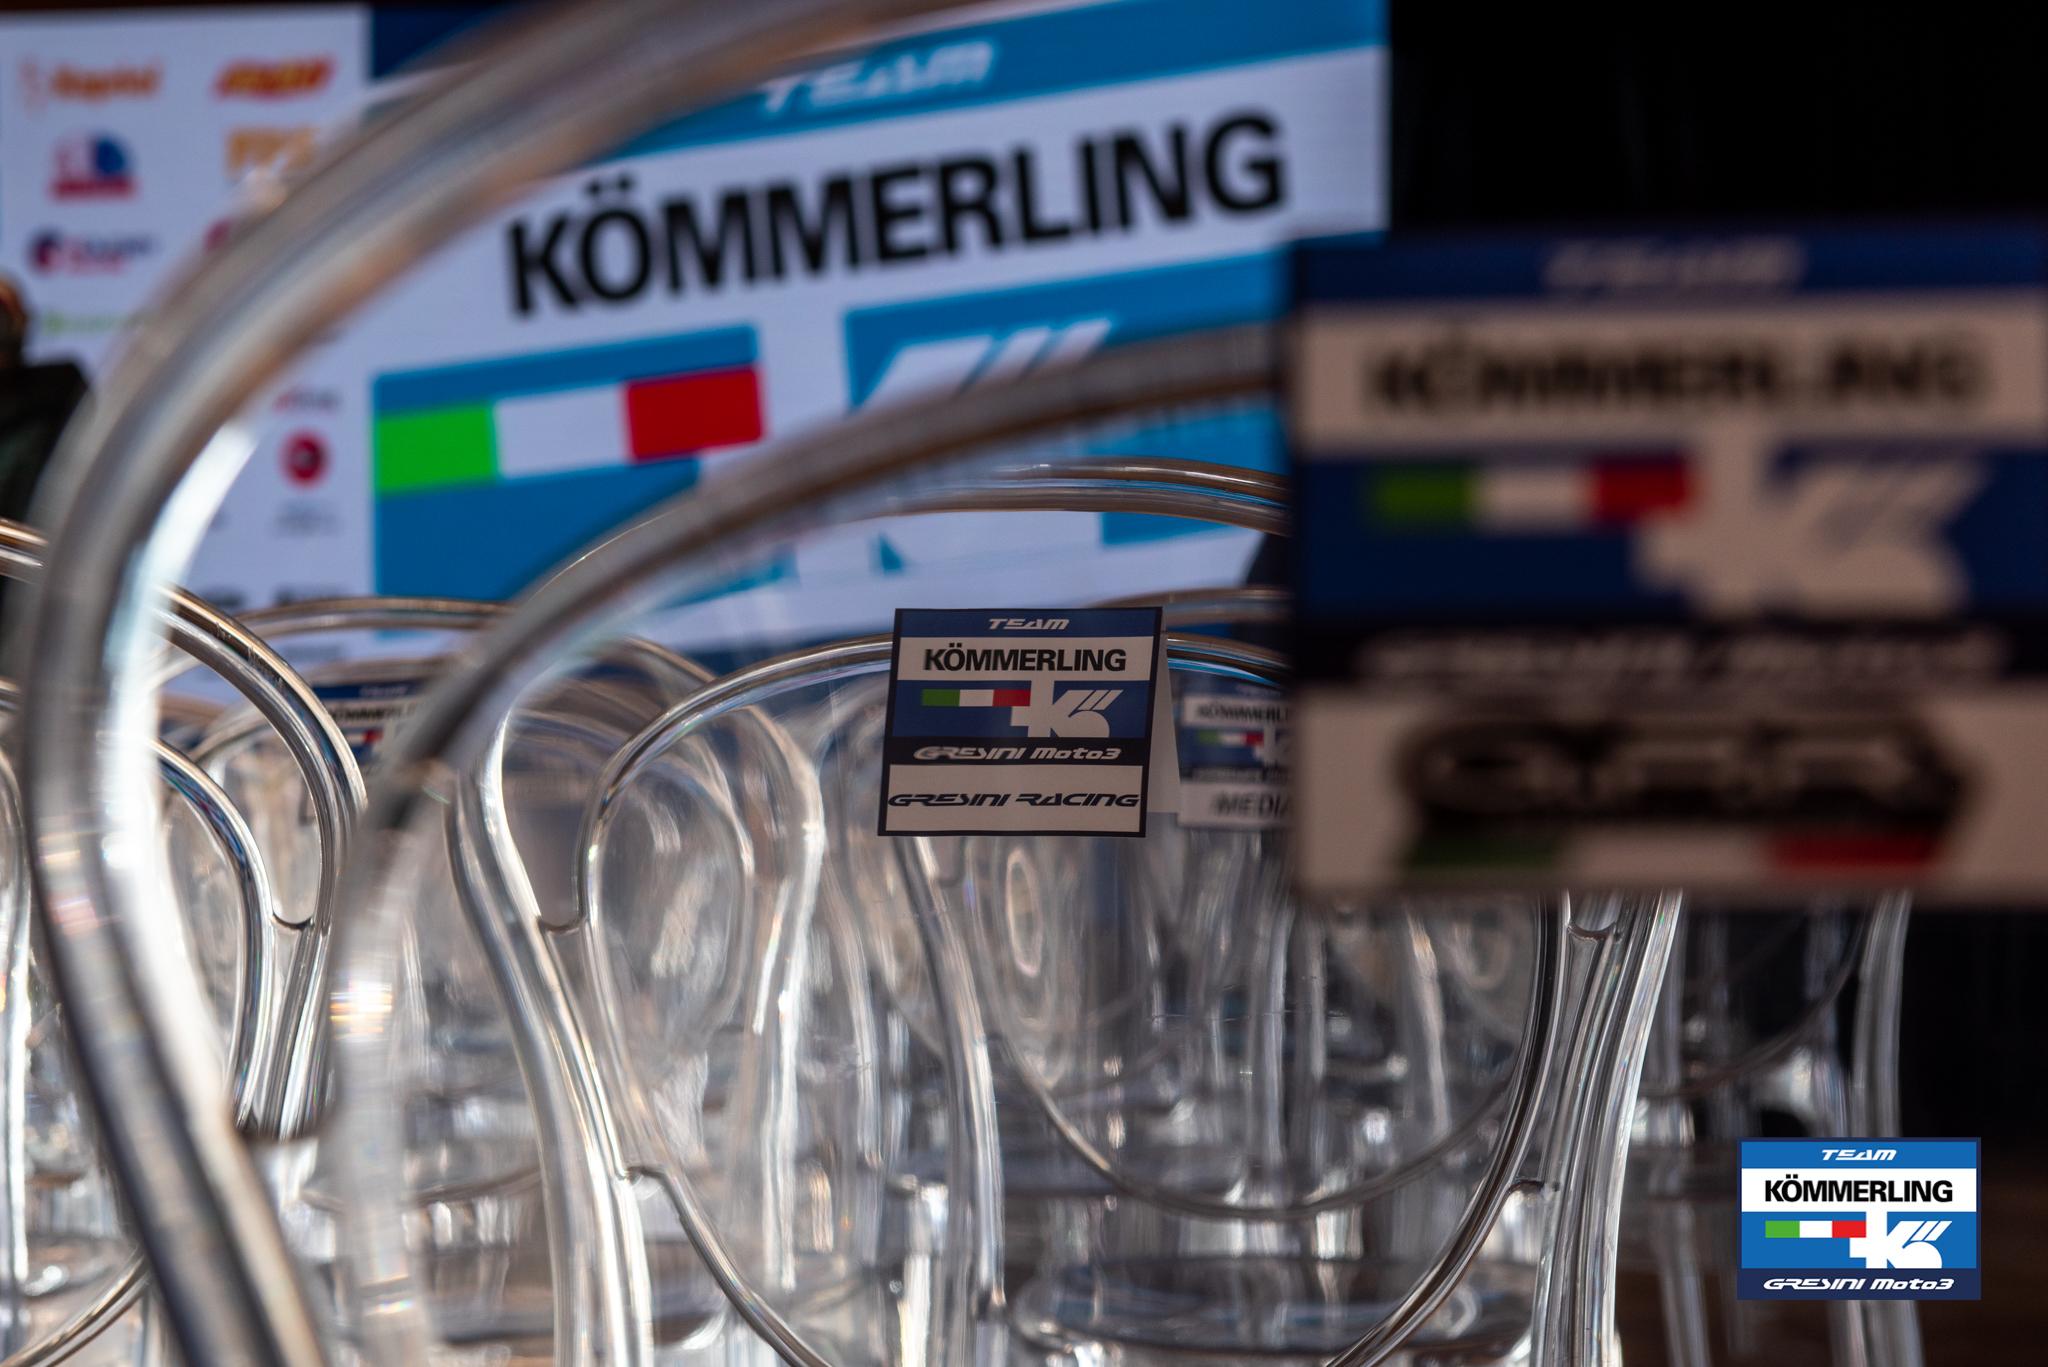 https://lnx.mirkone.it/wp-content/uploads/2019/06/tPresentazione-Team-Kömmerling-Gresini-Moto3-2019-00002.jpg